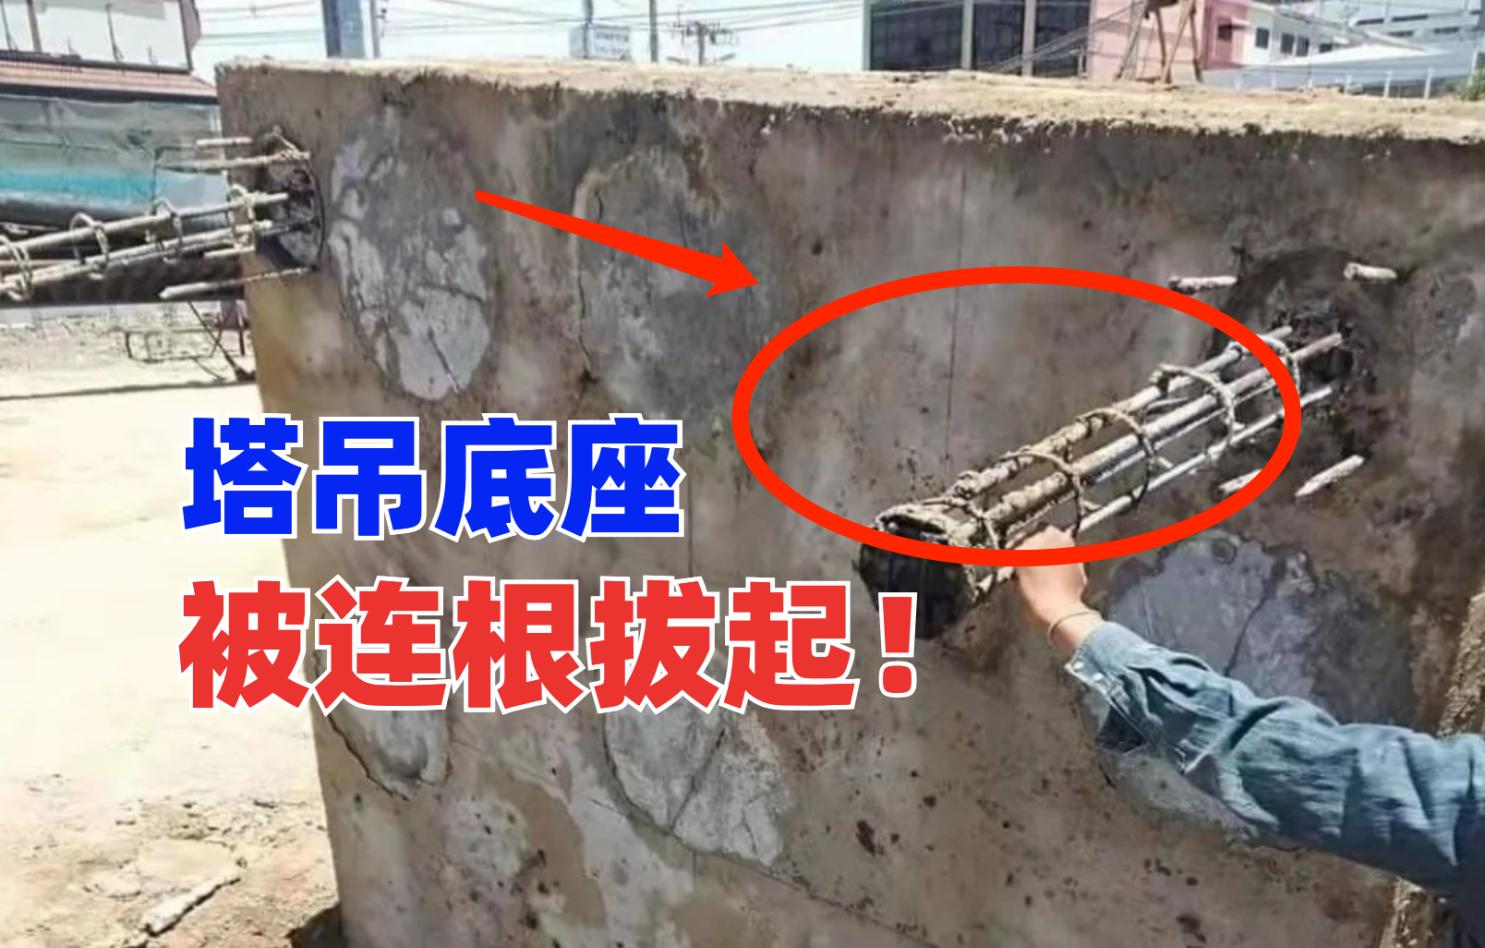 国外塔吊事故:泰国一在建工地塔吊突发倾翻倒塌伤亡不明!